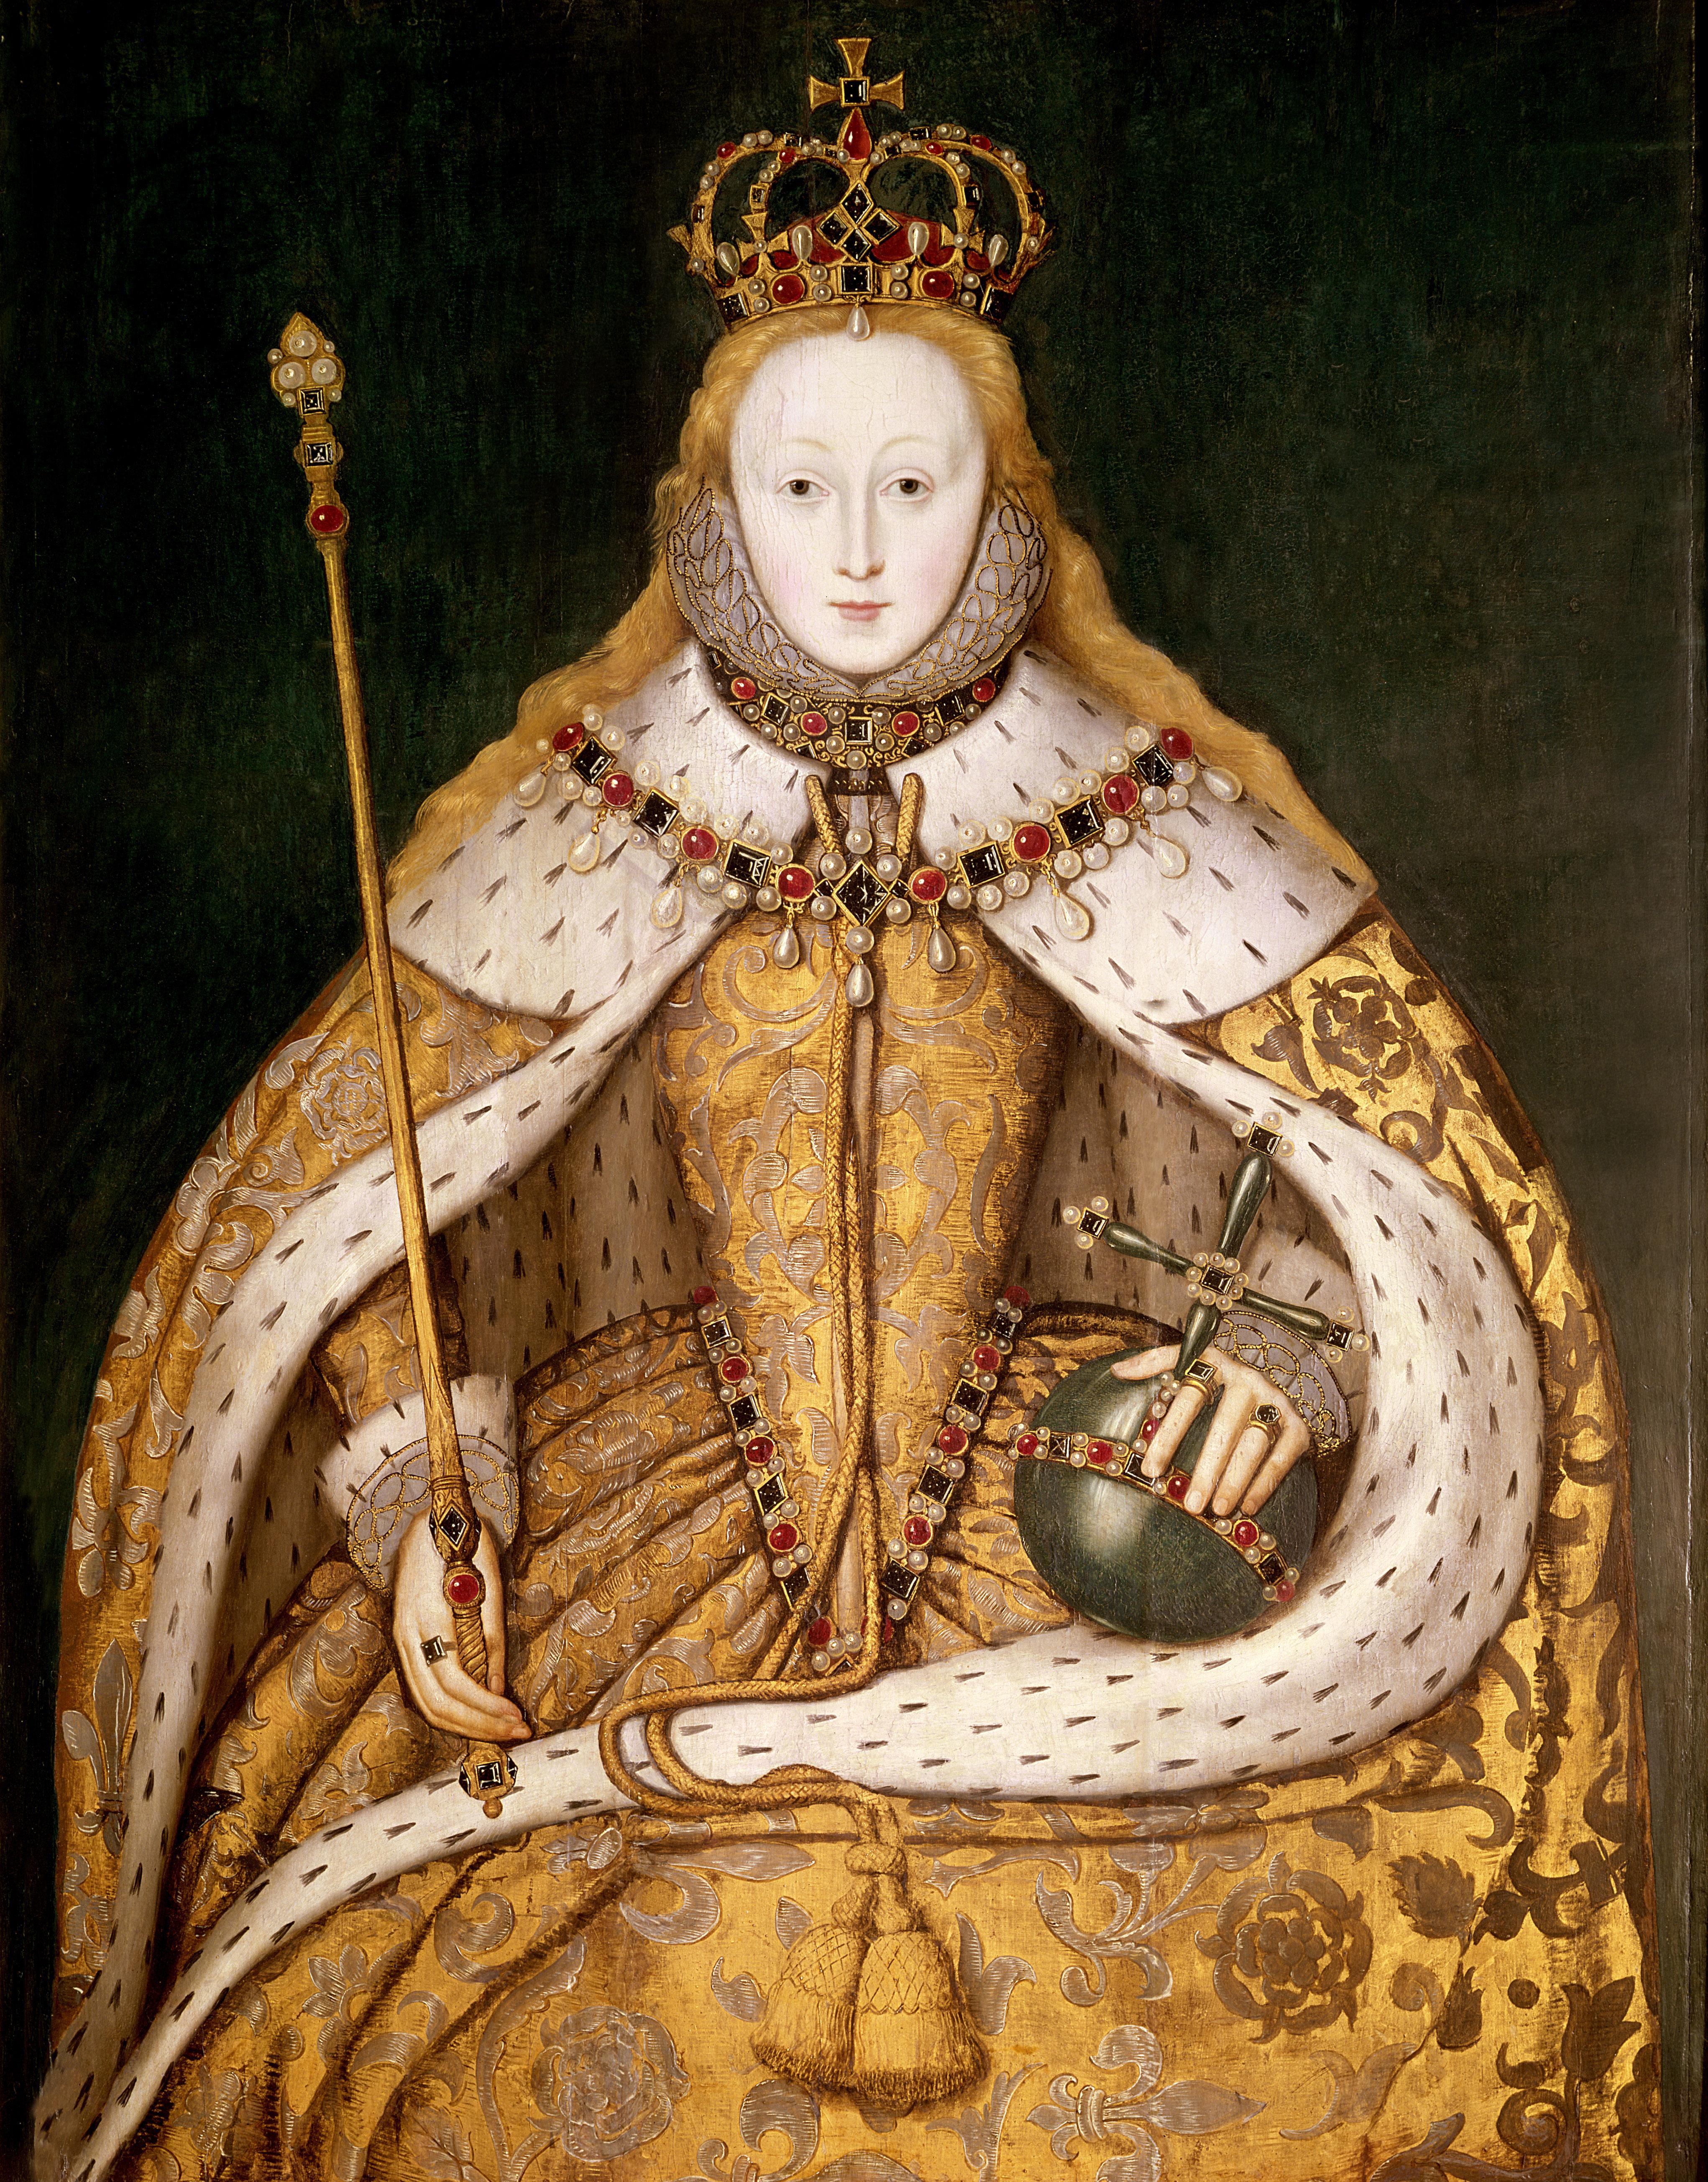 Queen Elizabeth I, c. 1600.